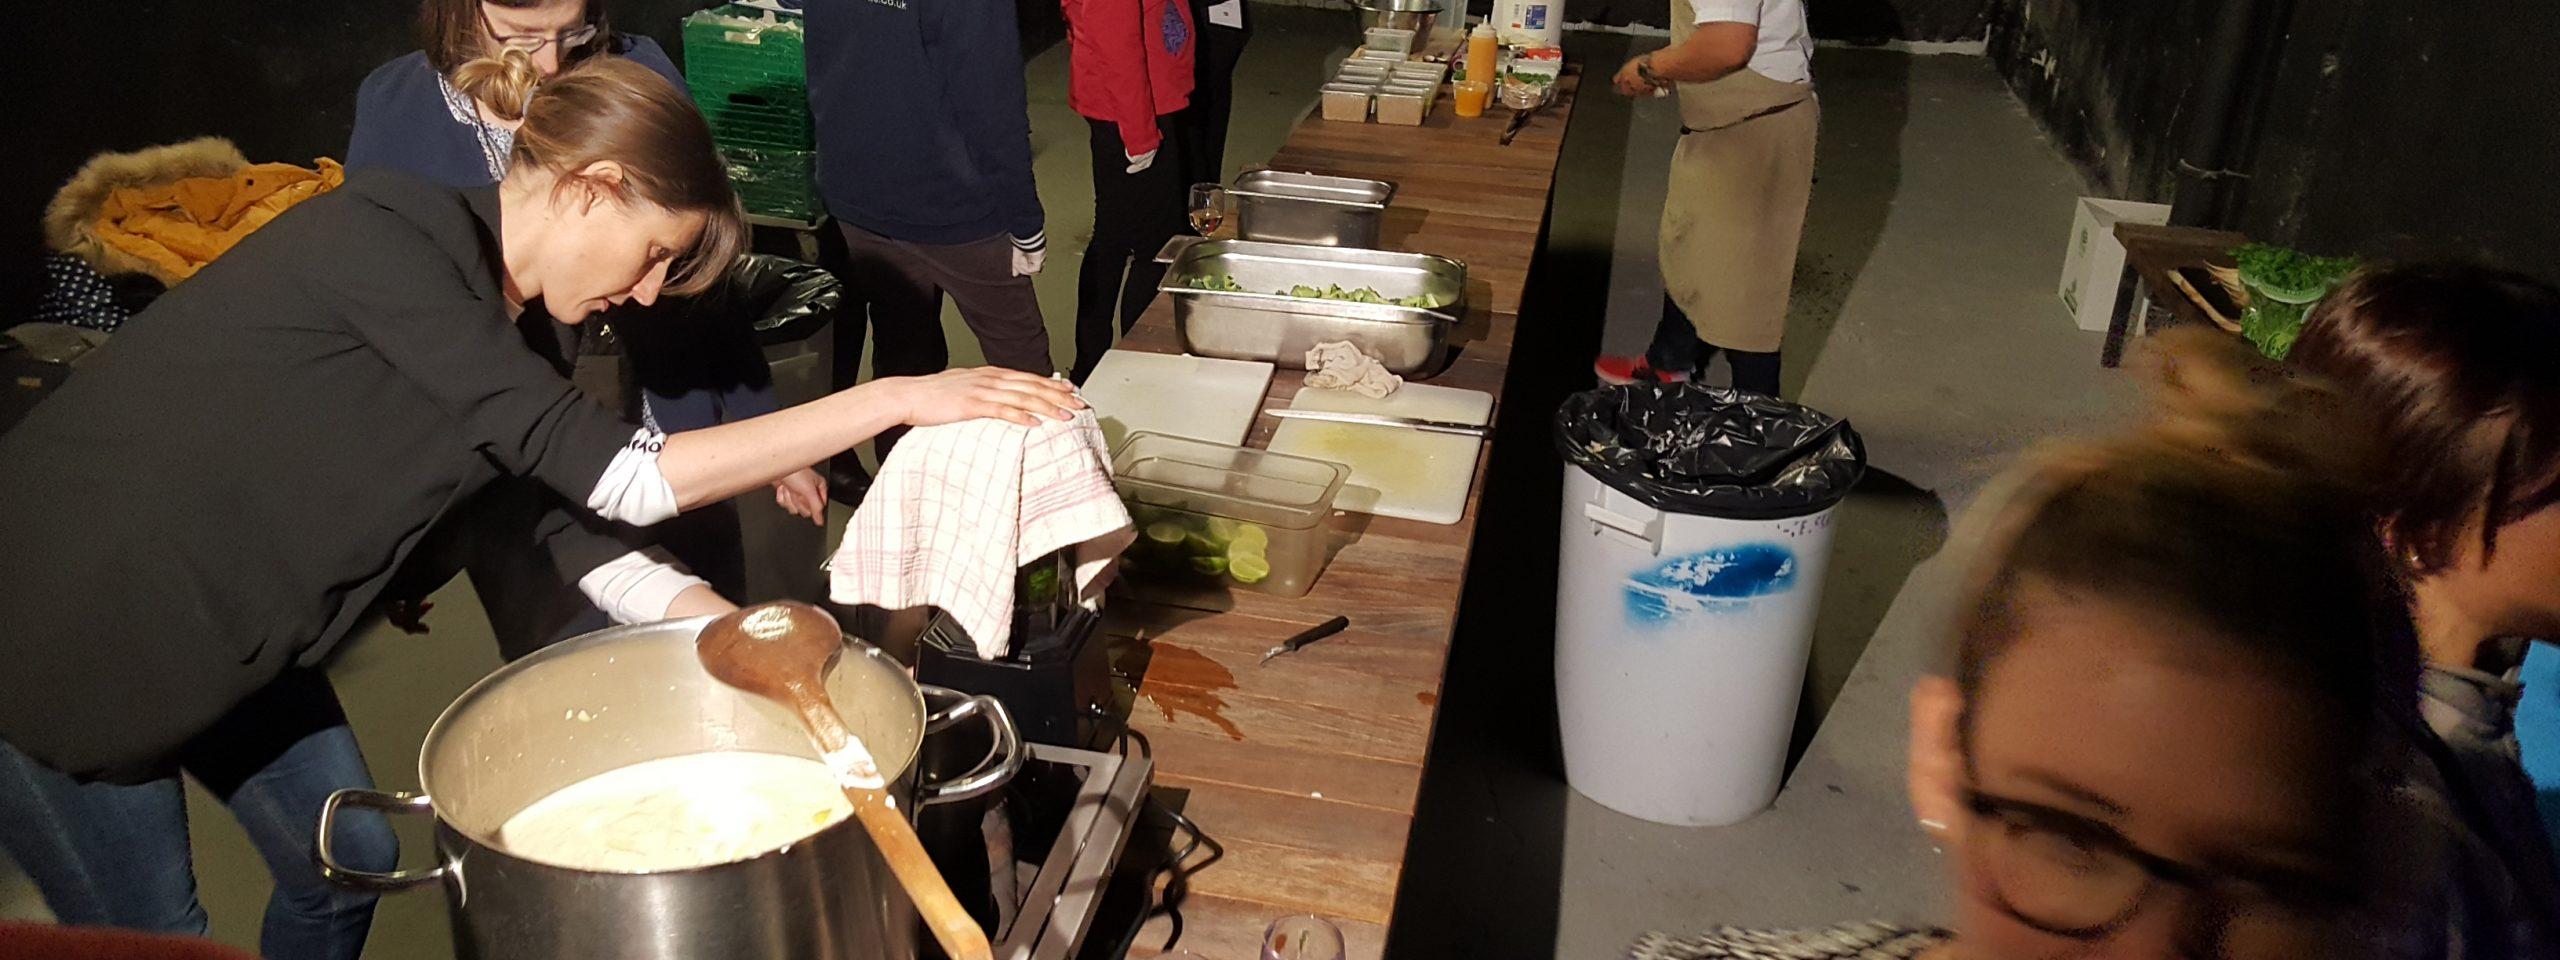 personeelsfeest-koken-eindhoven